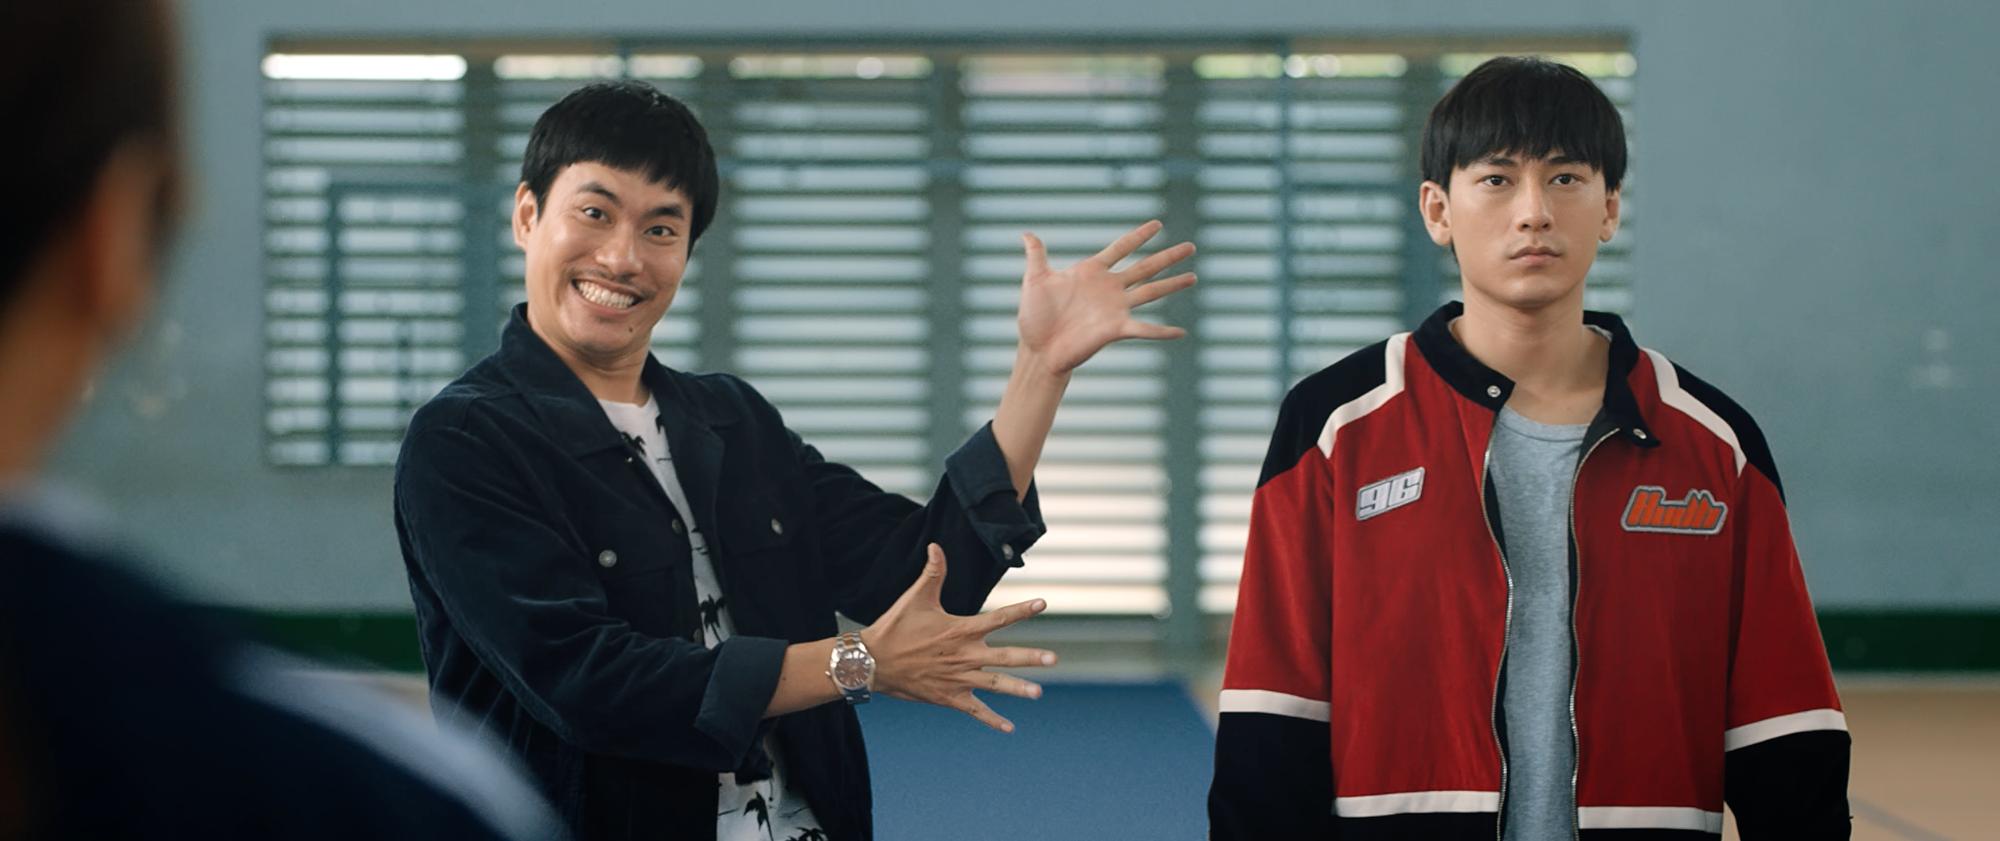 3 chàng khiếm thị trên phim Việt khiến người xem nể phục: Isaac chính là chú bé mù đáng yêu nhất màn ảnh - Ảnh 2.